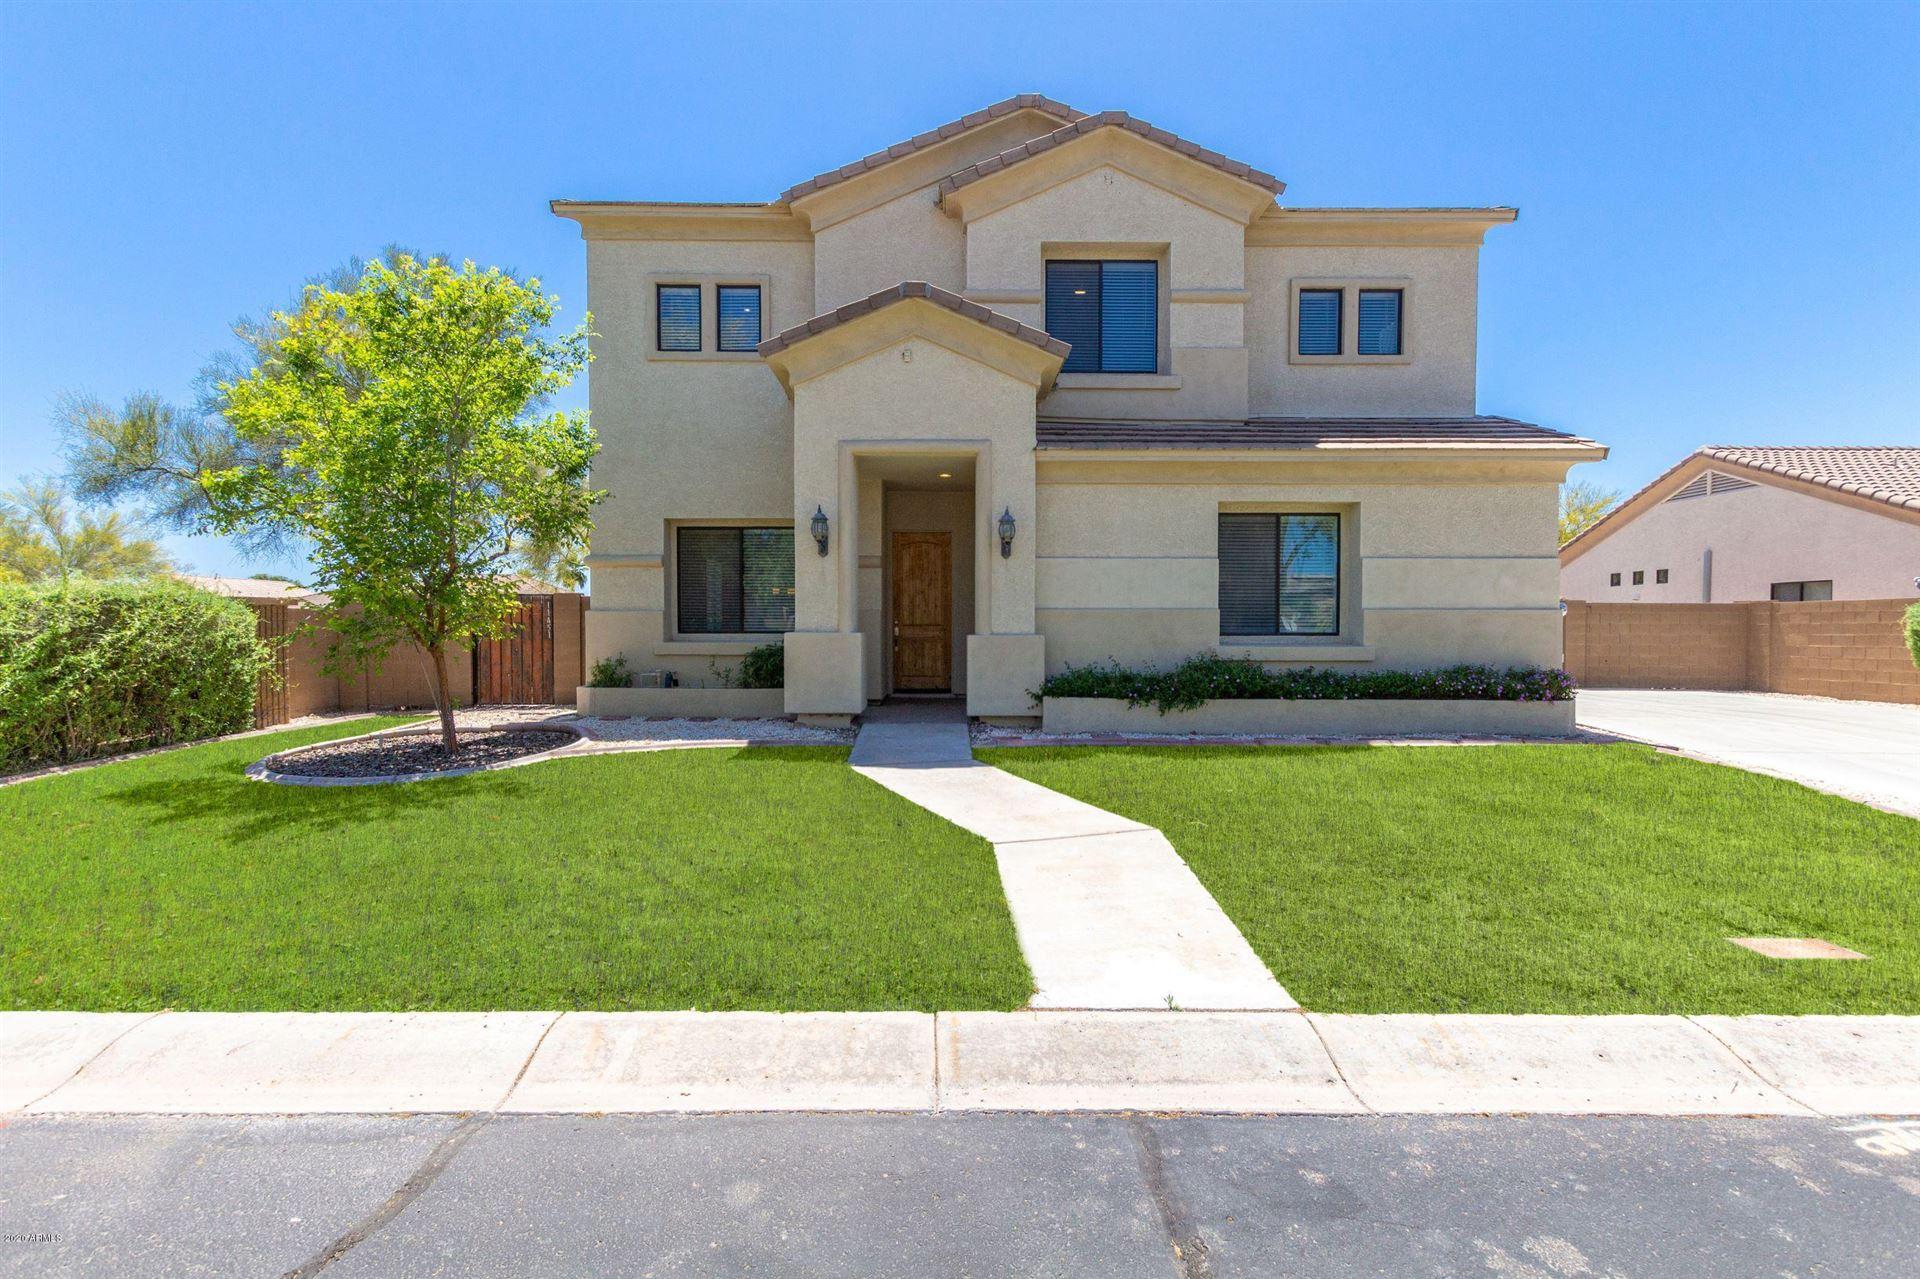 11451 E ELLIS Street, Mesa, AZ 85207 - #: 6011048